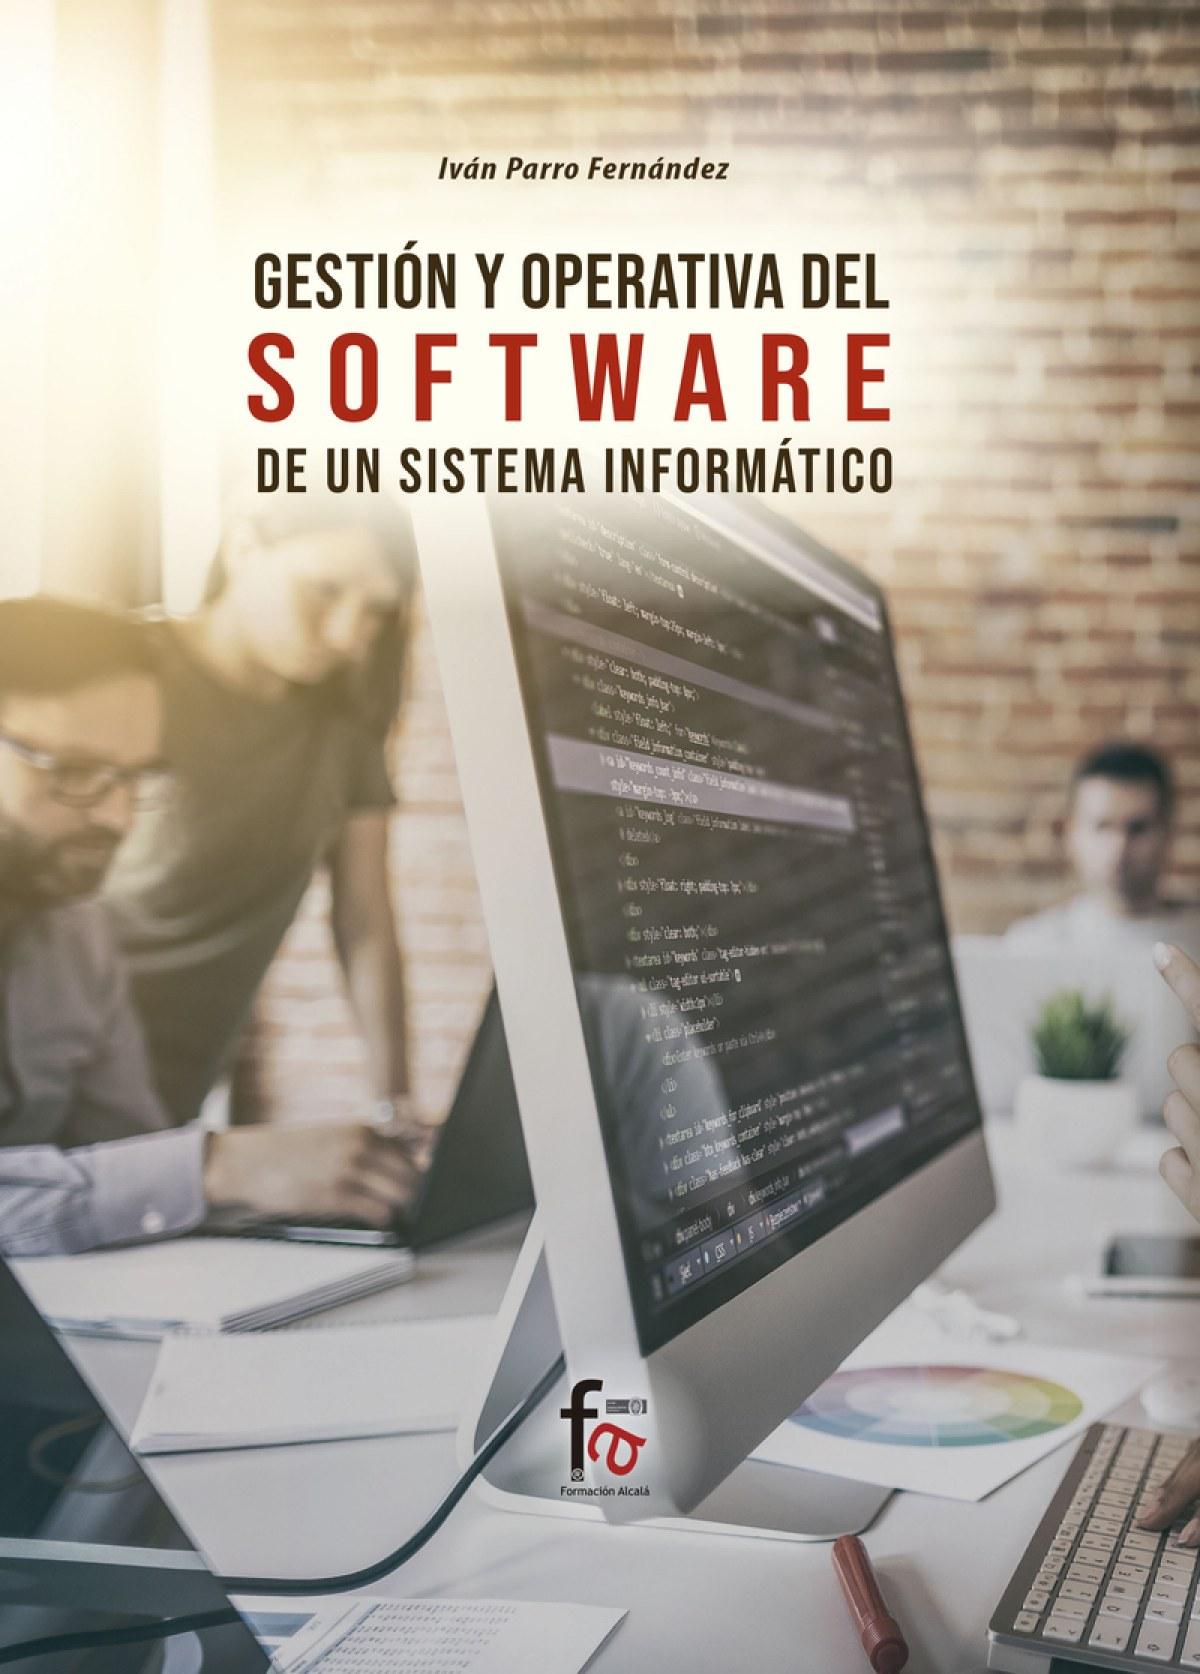 GESTION Y APERTURA DEL SOFTWARE DE UN SISTEMA INFORMATICO